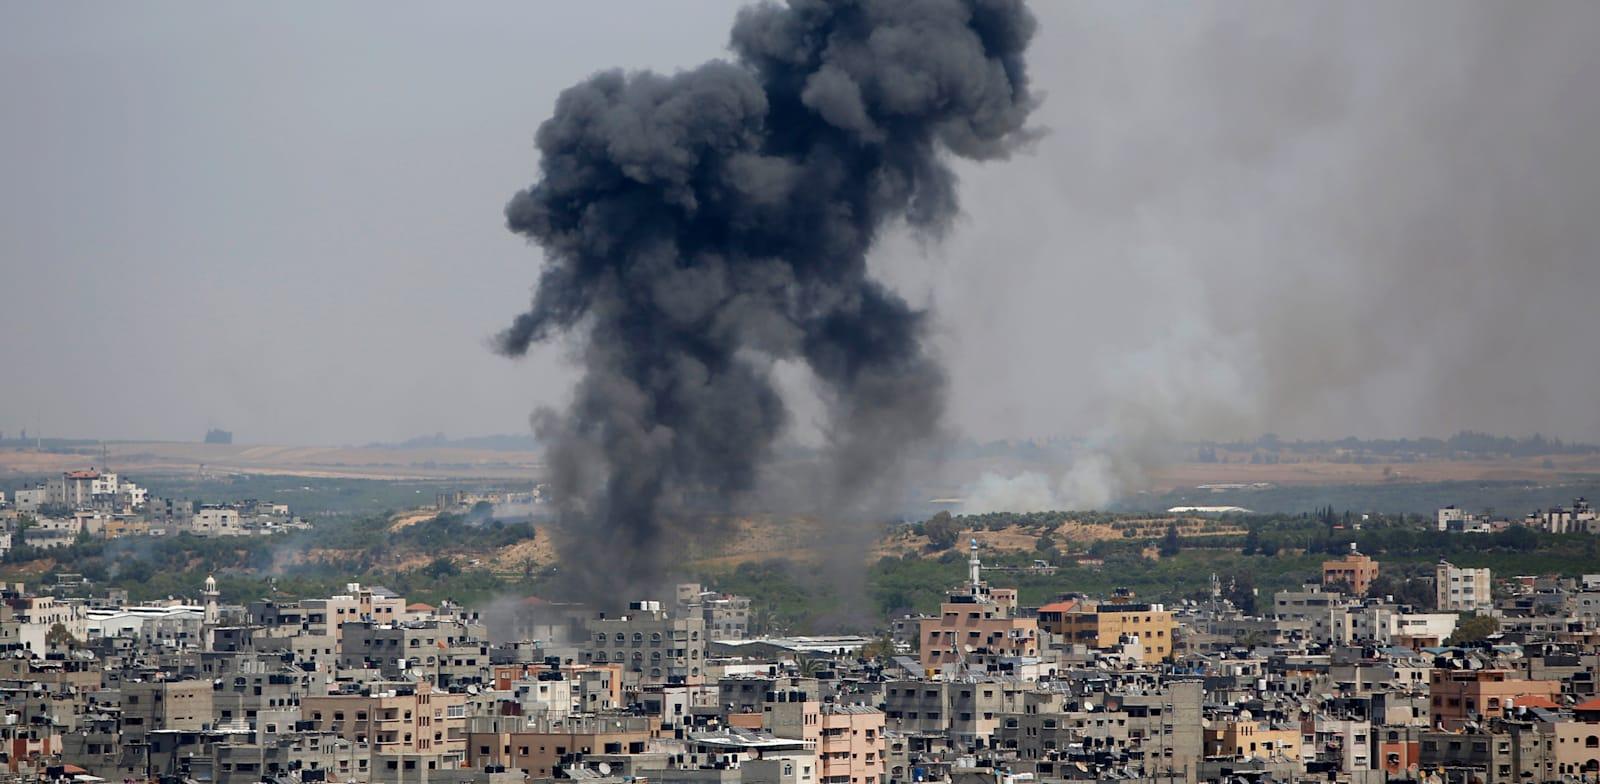 חיל האוויר תוקף בעזה בתגובה על מטחי הרקטות על ישראל / צילום: Associated Press, Hatem Moussa